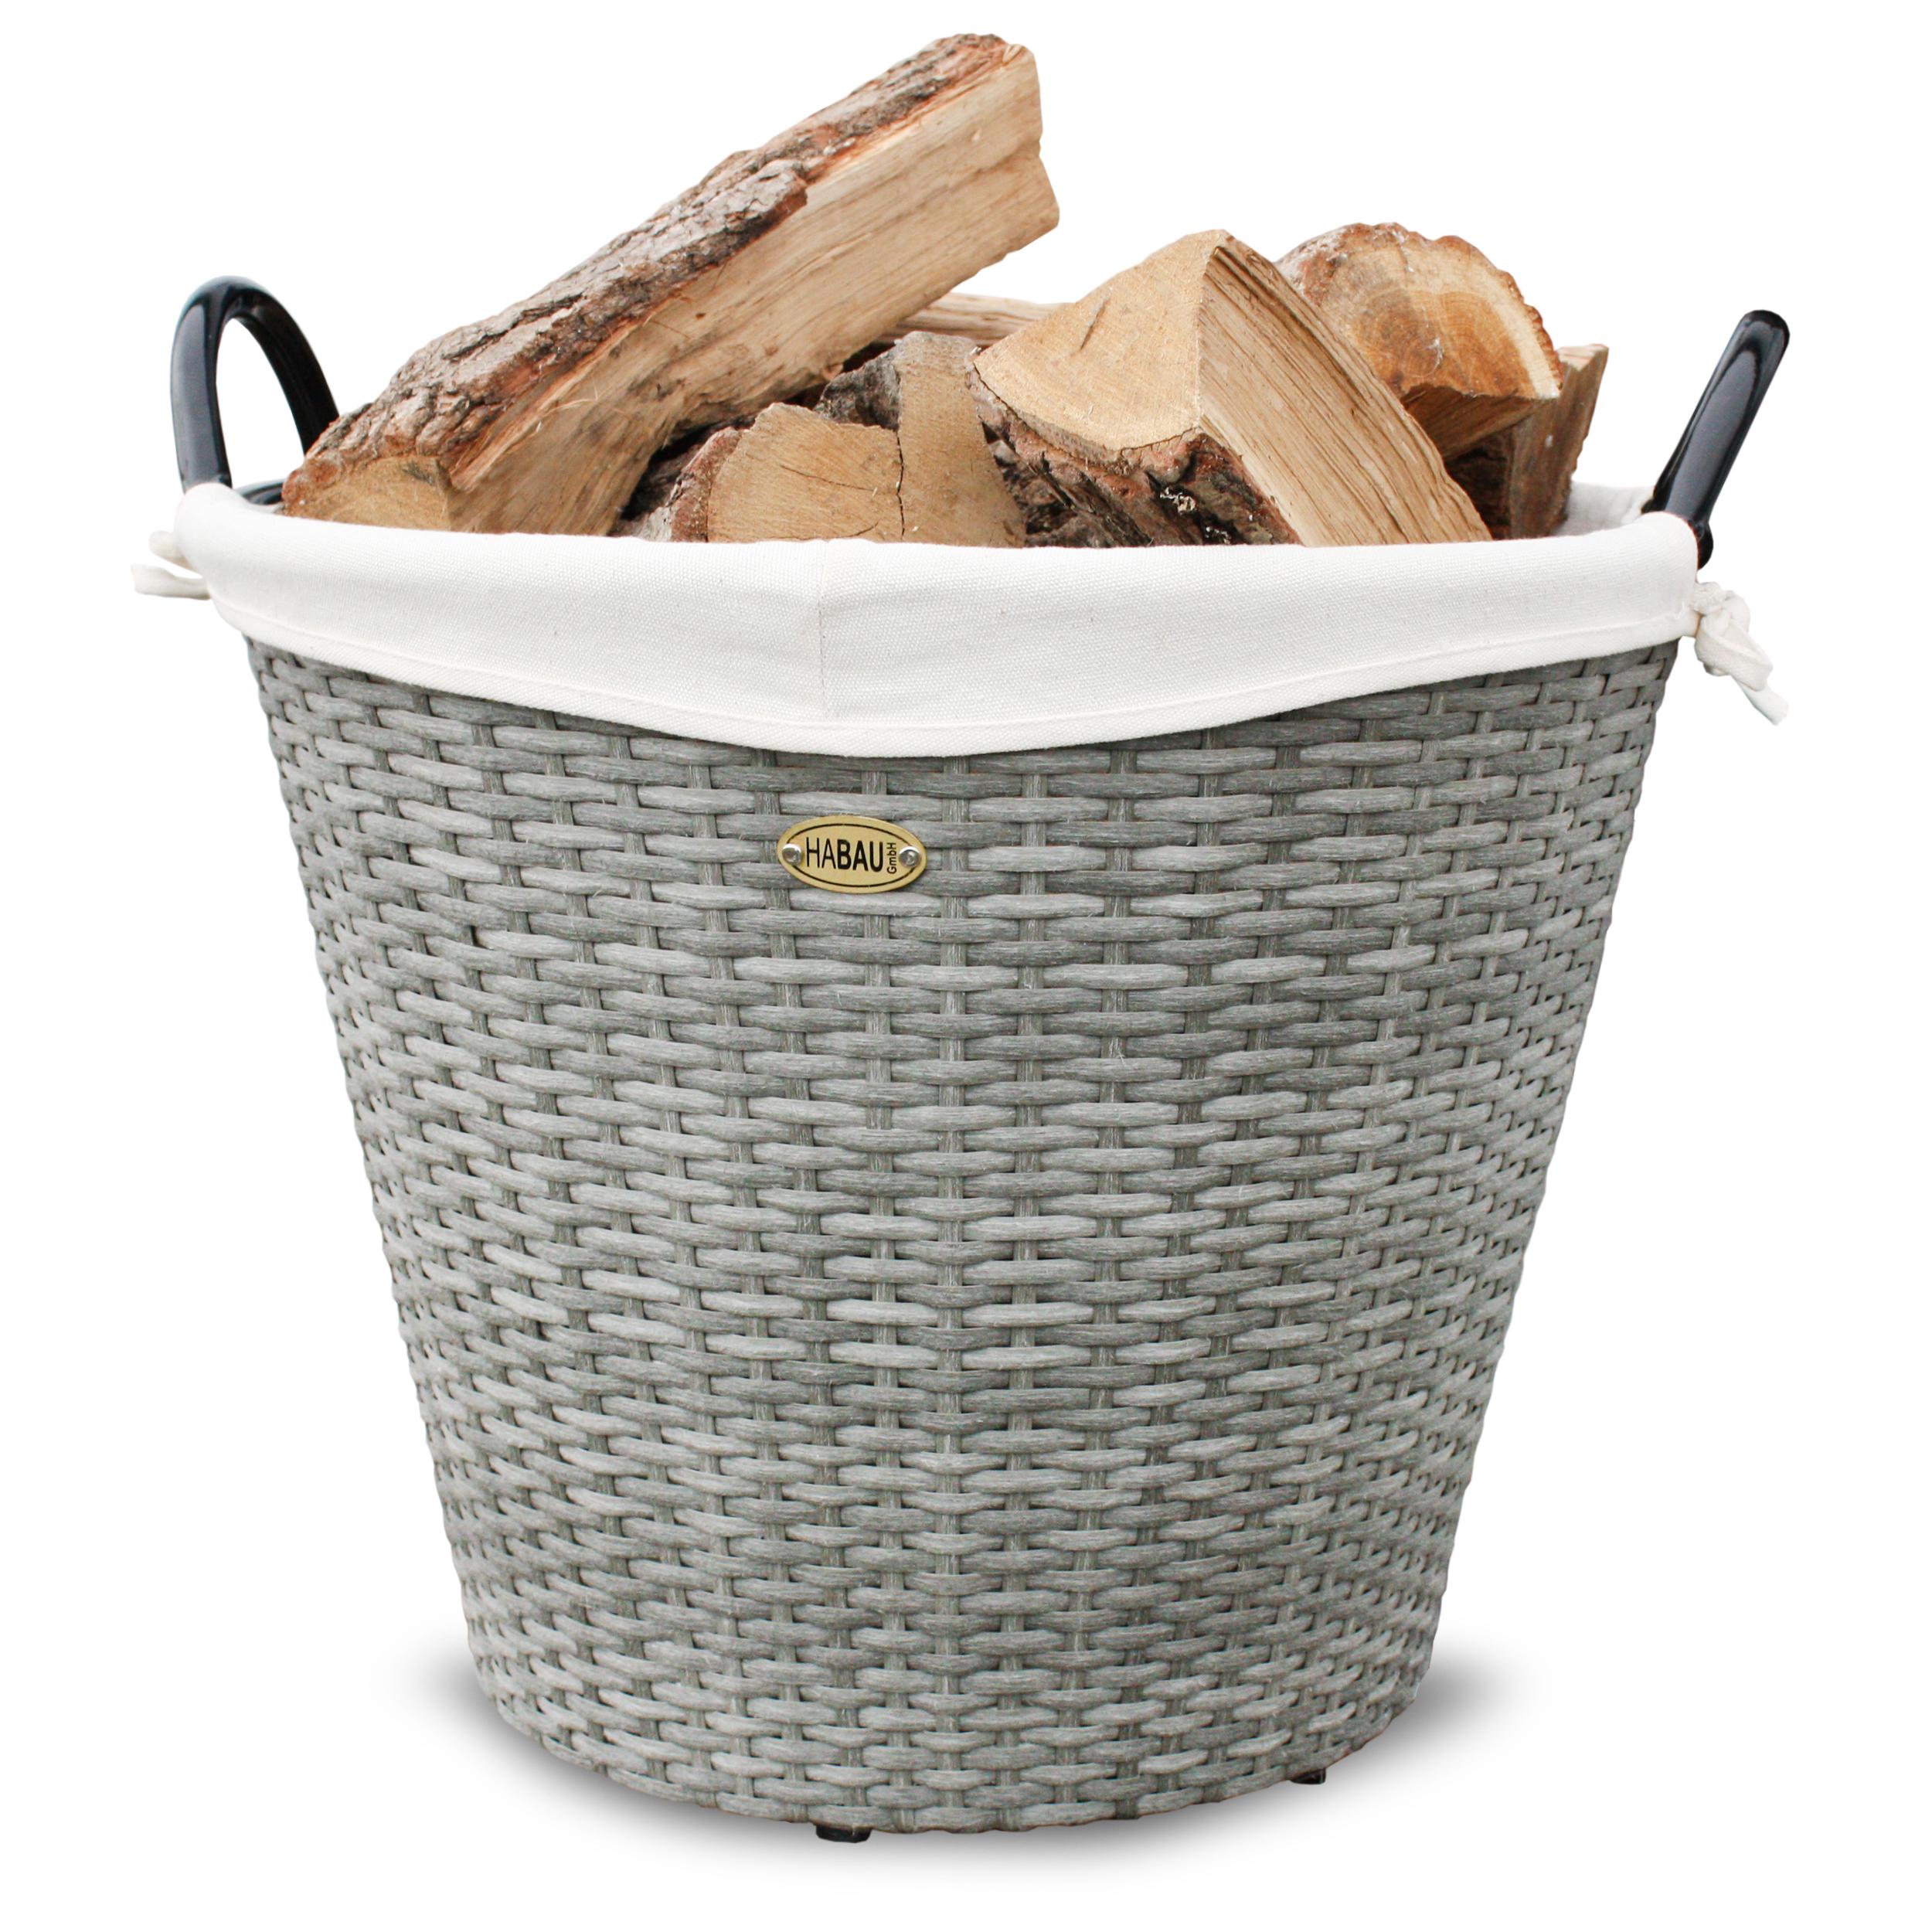 HABAU Feuerholzkorb aus Polyethylen, grau, 48 cm - 2725